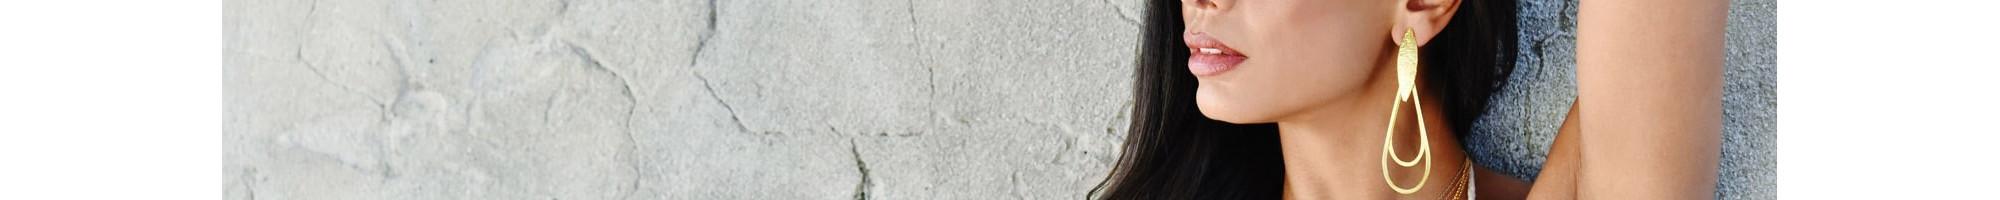 Ohrringe | Die Ohrringe deiner Träume! Jetzt online bei BIJOU BOX